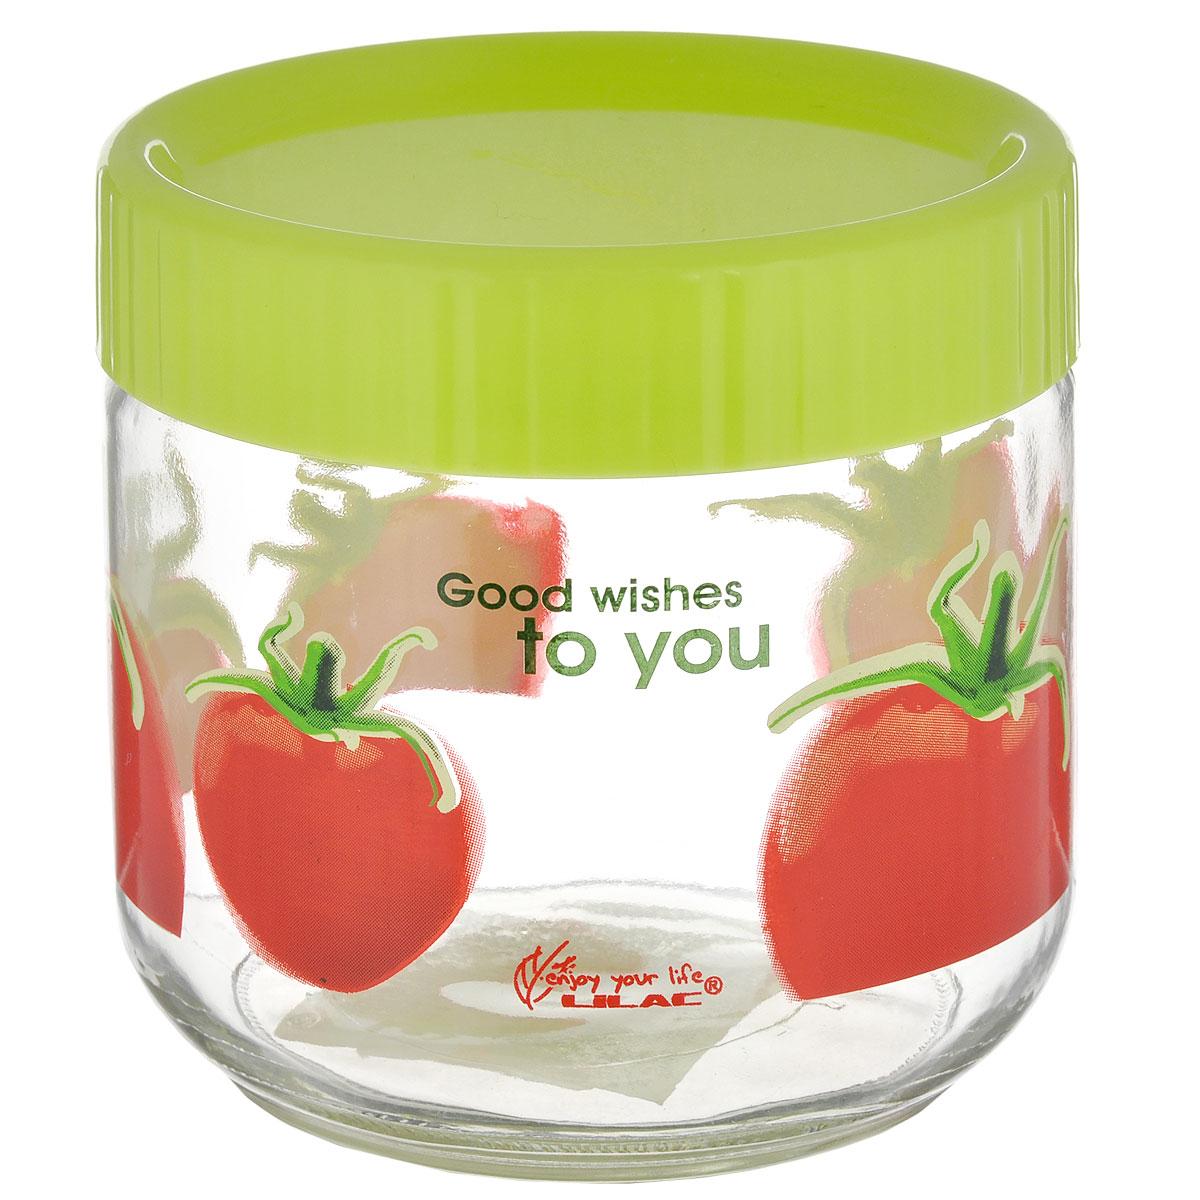 Банка для сыпучих продуктов Lilac Томат, цвет: прозрачный, салатовый, 750 млLLSE7750_салатовый/помидорБанка для сыпучих продуктов Lilac изготовлена из прочного стекла и декорирована красочным рисунком. Банка оснащена плотно закрывающейся пластиковой крышкой. Благодаря этому внутри сохраняется герметичность, и продукты дольше остаются свежими. Изделие предназначено для хранения различных сыпучих продуктов: круп, чая, сахара, орехов и многого другого. Функциональная и вместительная, такая банка станет незаменимым аксессуаром на любой кухне. Не рекомендуется мыть в посудомоечной машине. Диаметр (по верхнему краю): 9,5 см. Высота банки (без учета крышки): 10,5 см.